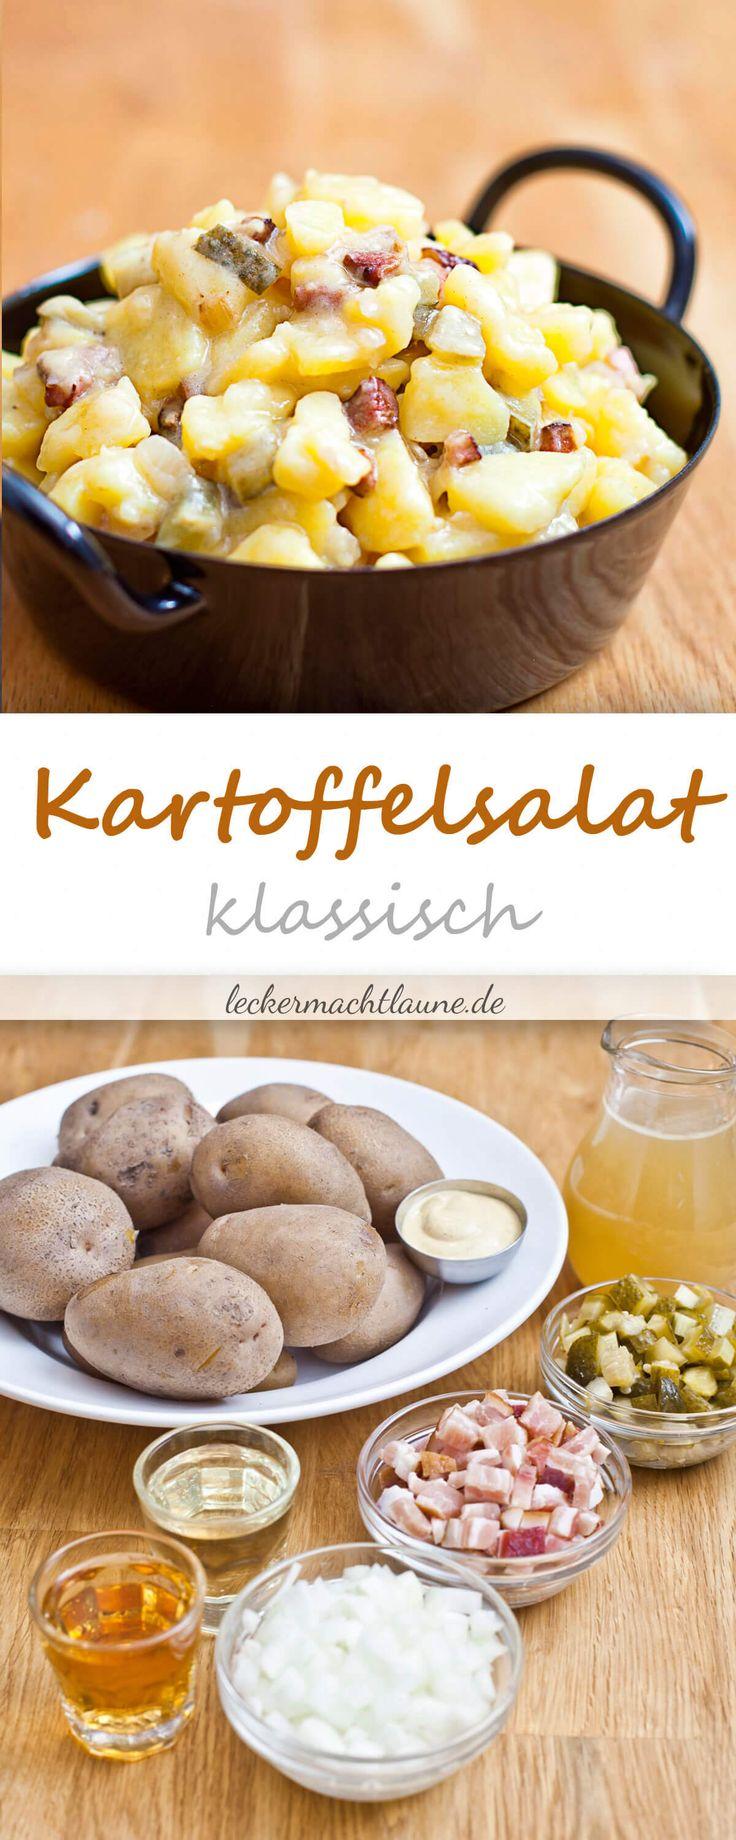 Kartoffelsalat ohne Mayo {grundrezept